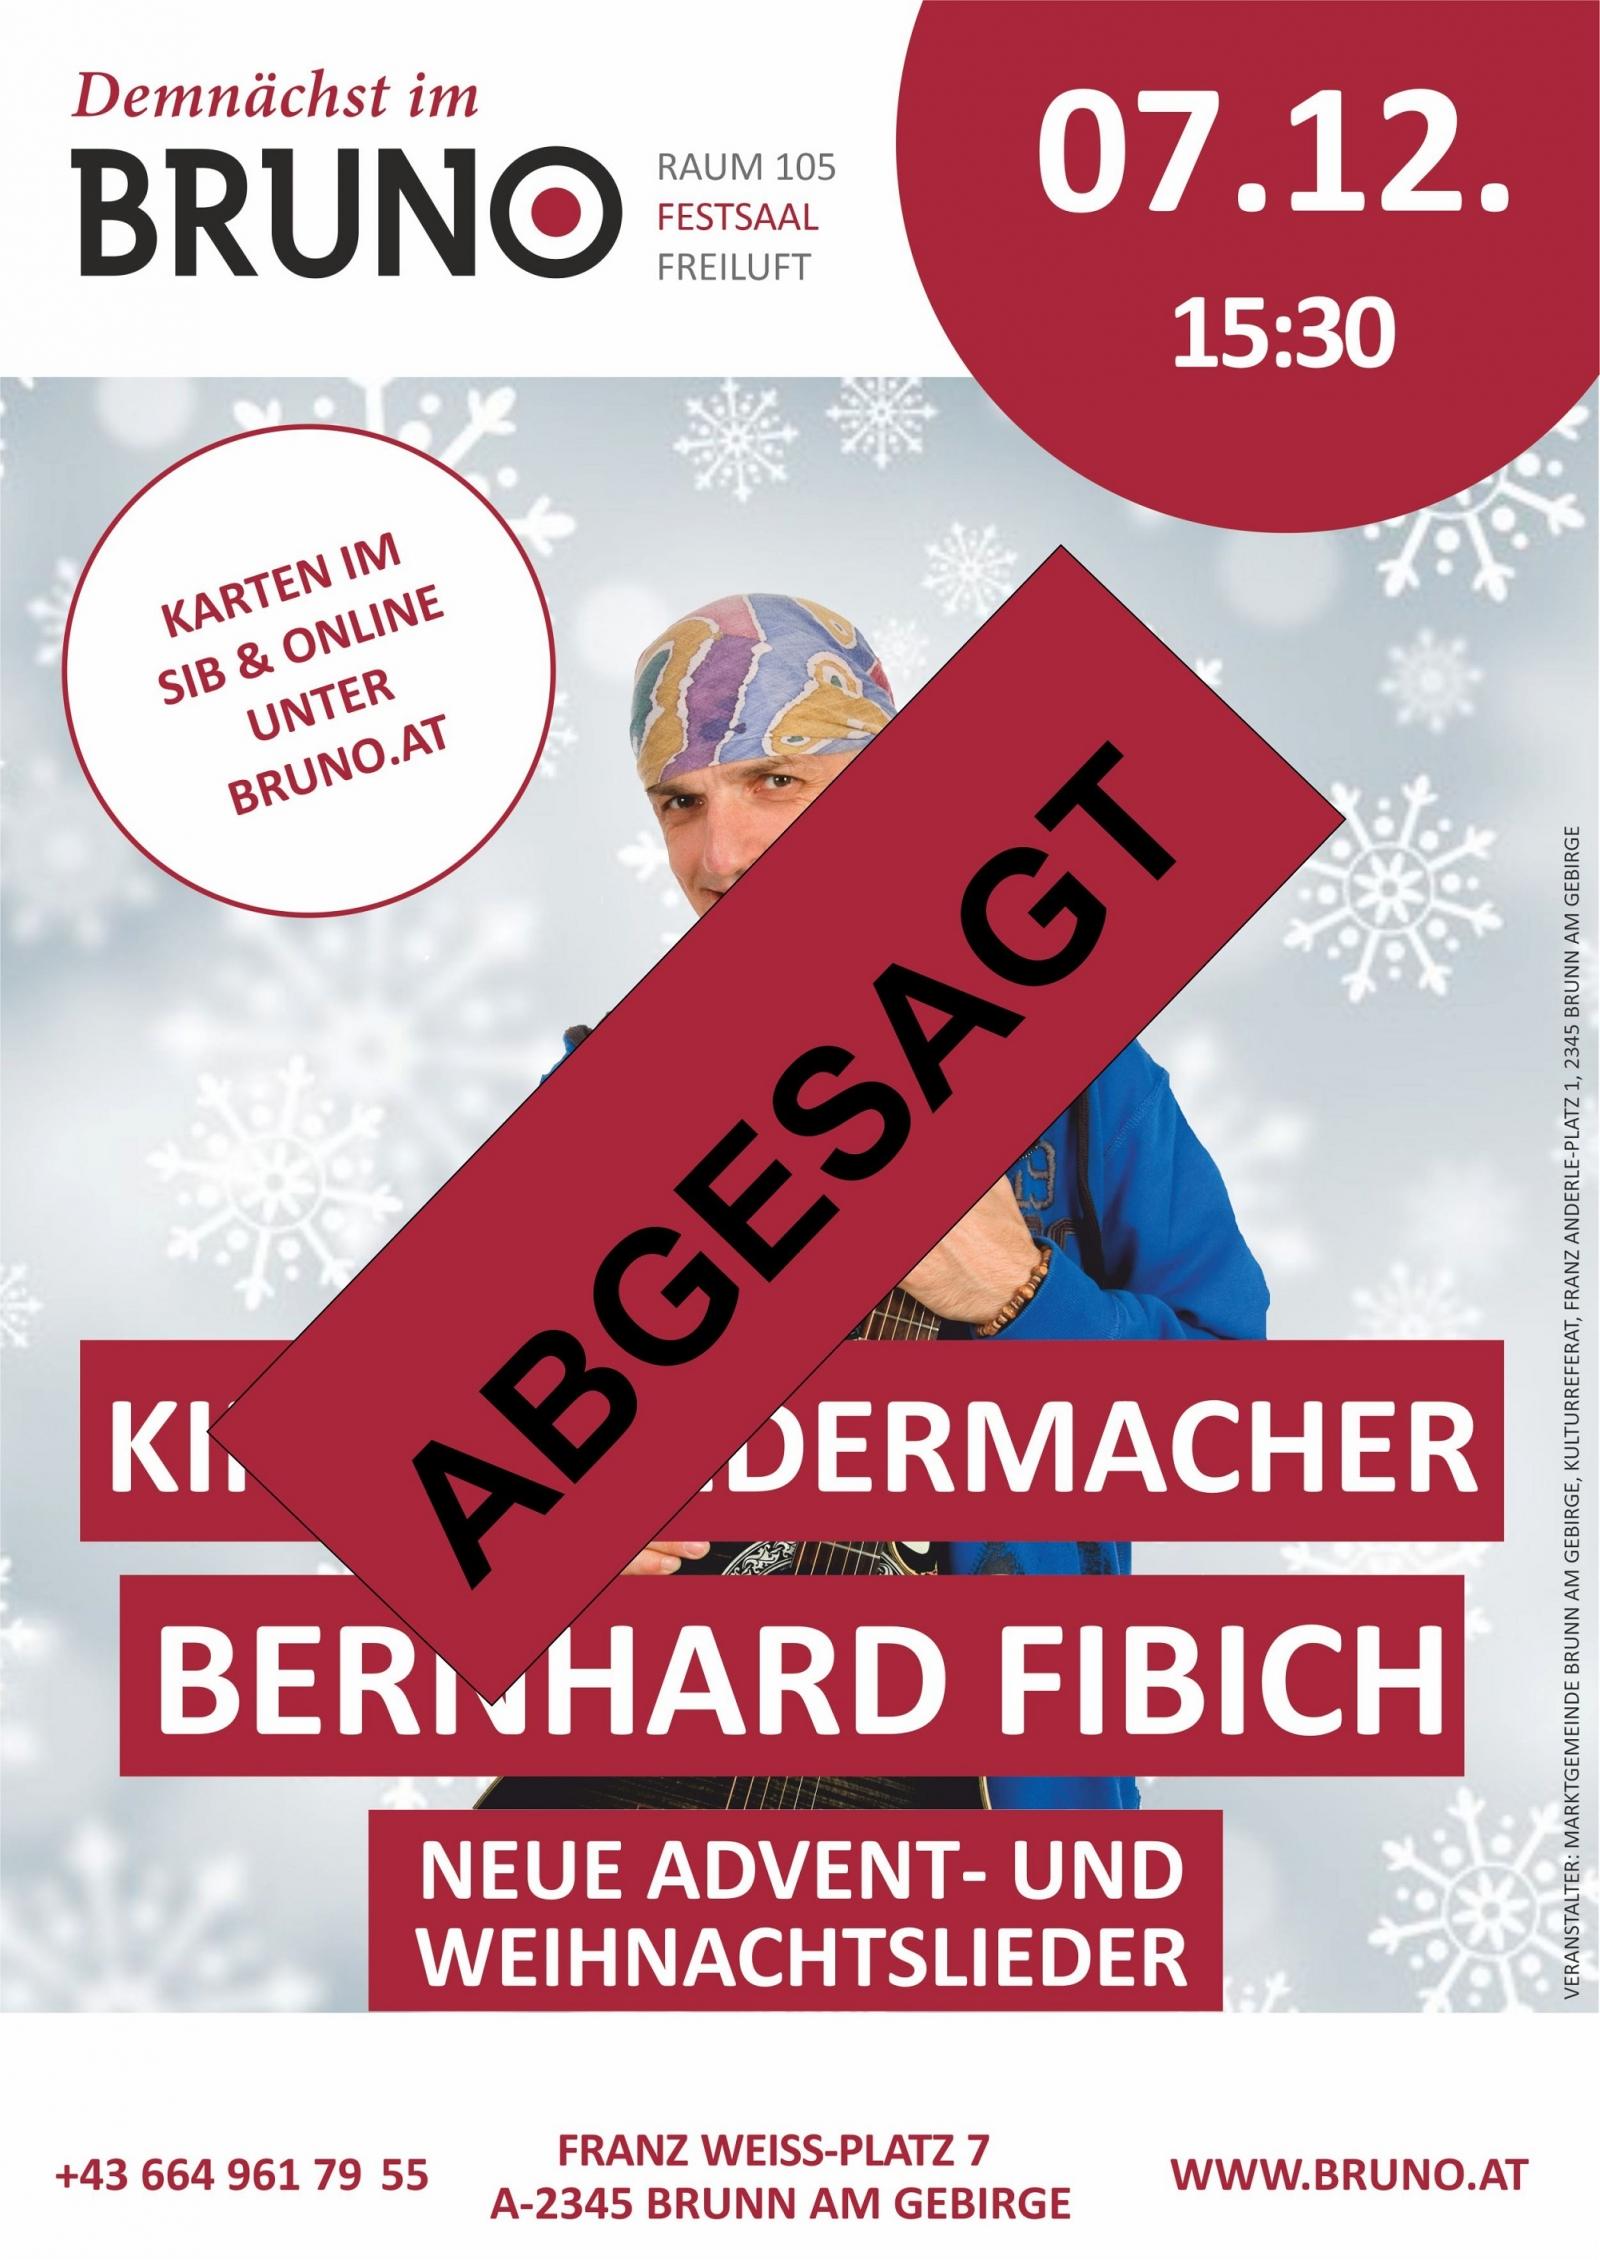 """Bernhard Fibich – """"Neue Advent- und Weihnachtslieder"""